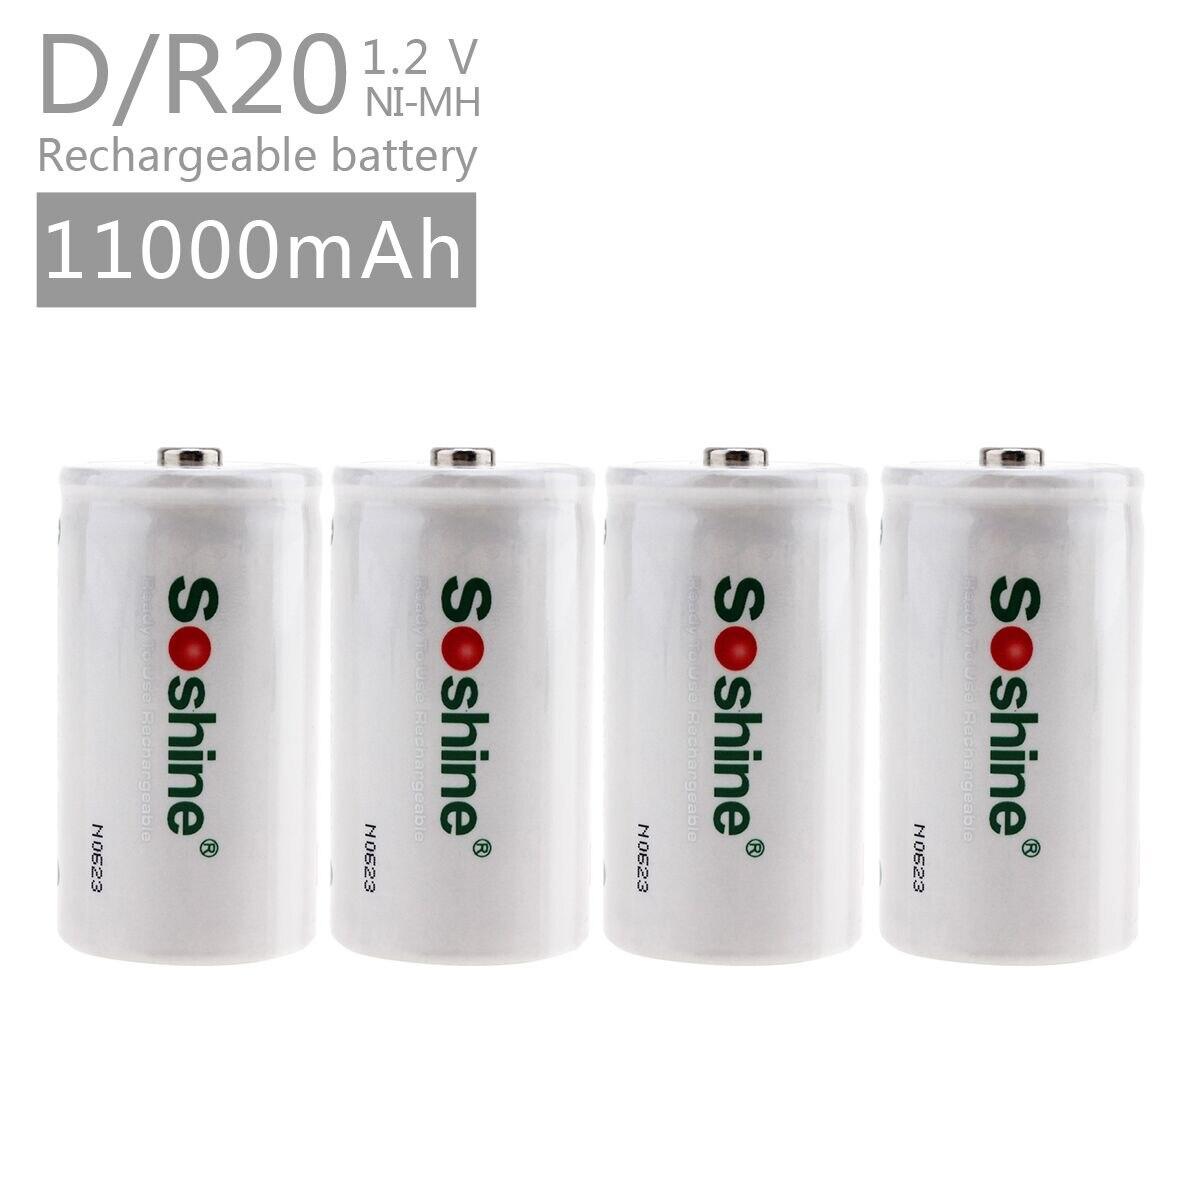 Soshine 4 teile/satz D/R20 Größe Akkus NiMH 11000 mah batterie mit Höheren Strom Fähigkeiten